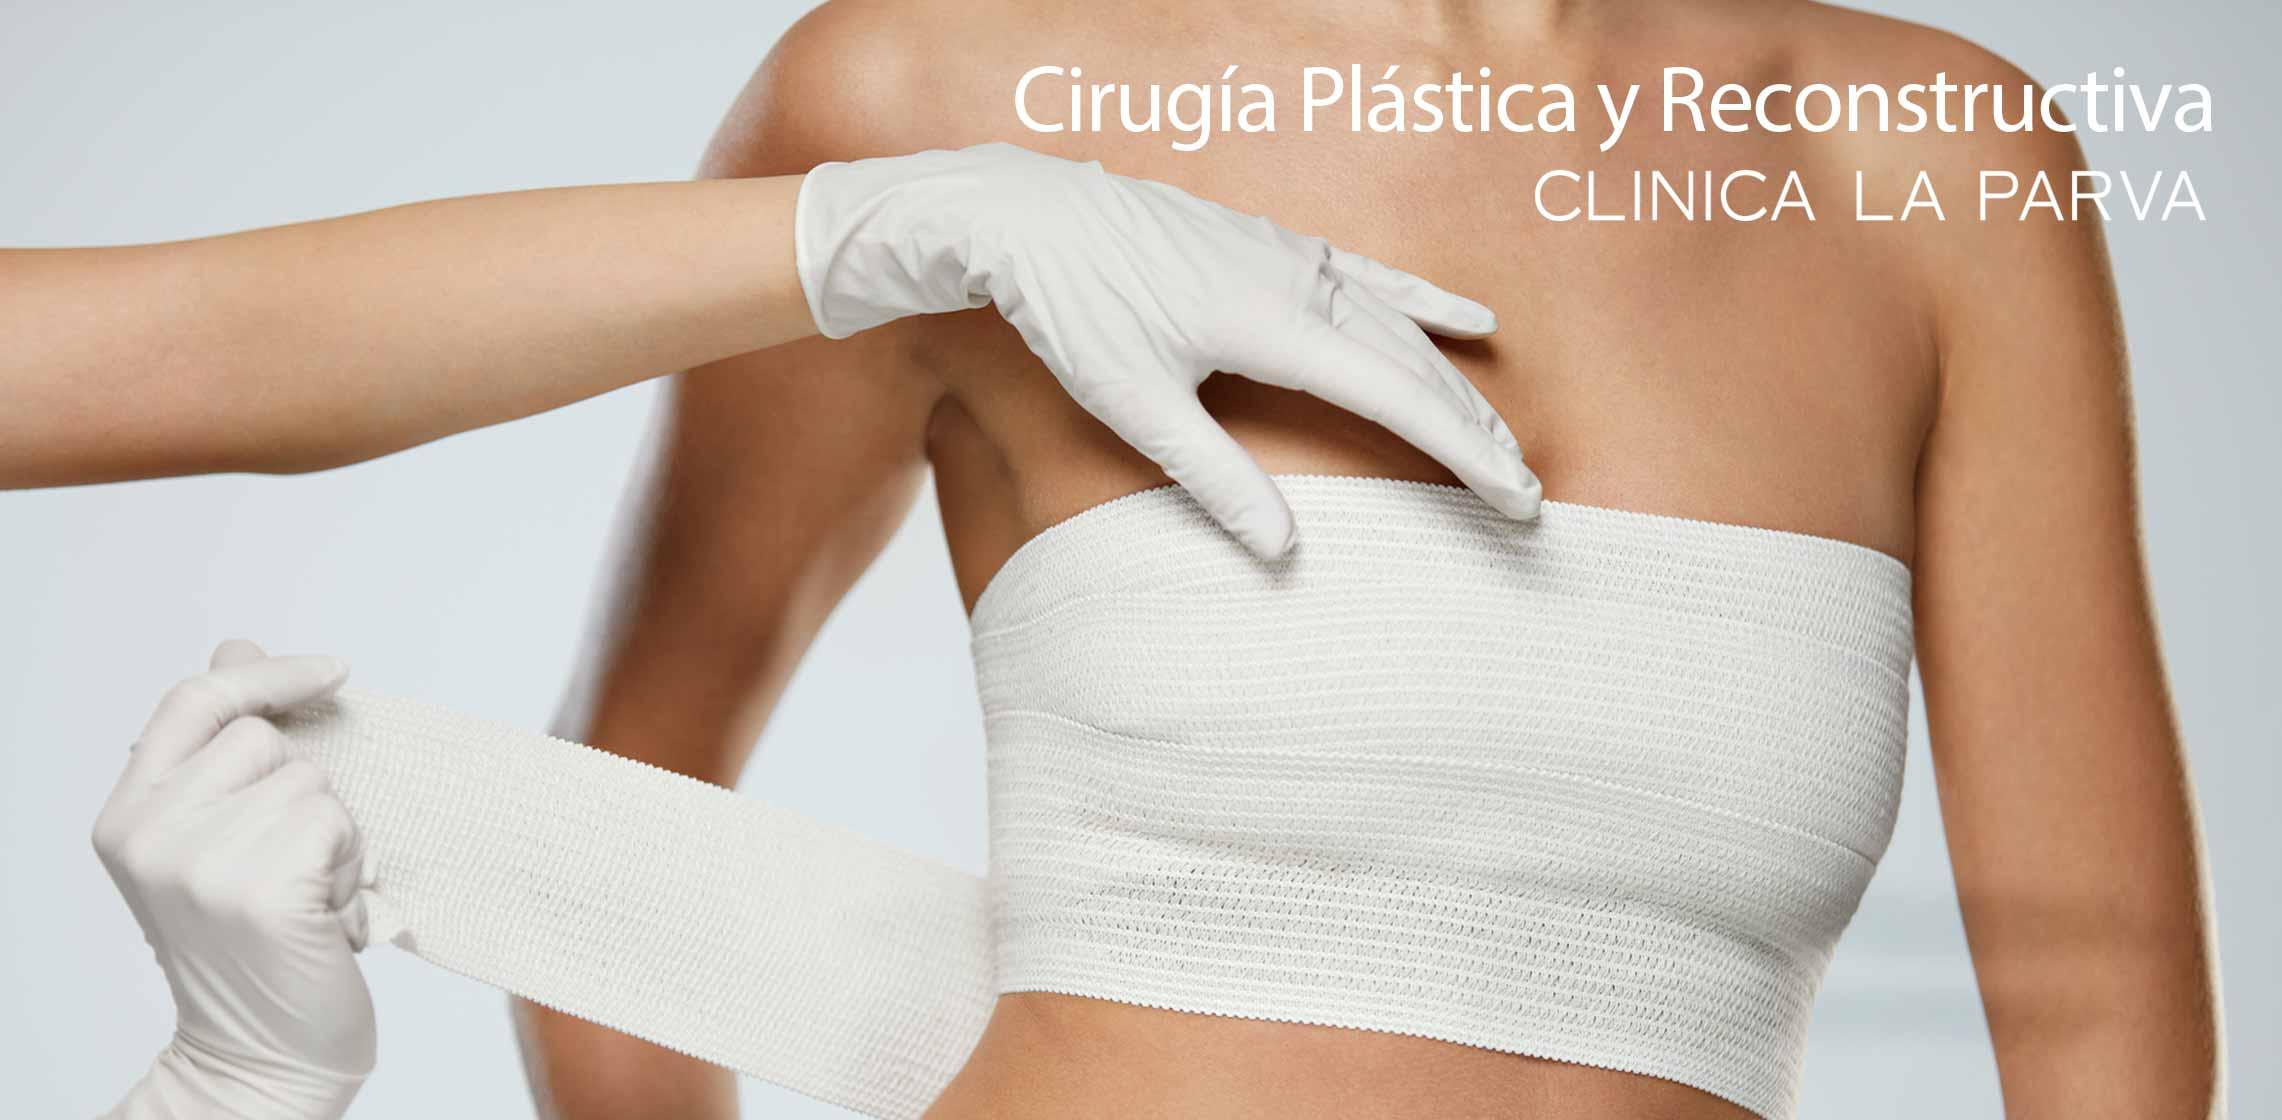 cirugia plastica y reconstructiva clinica la parva doctor pedro vidal